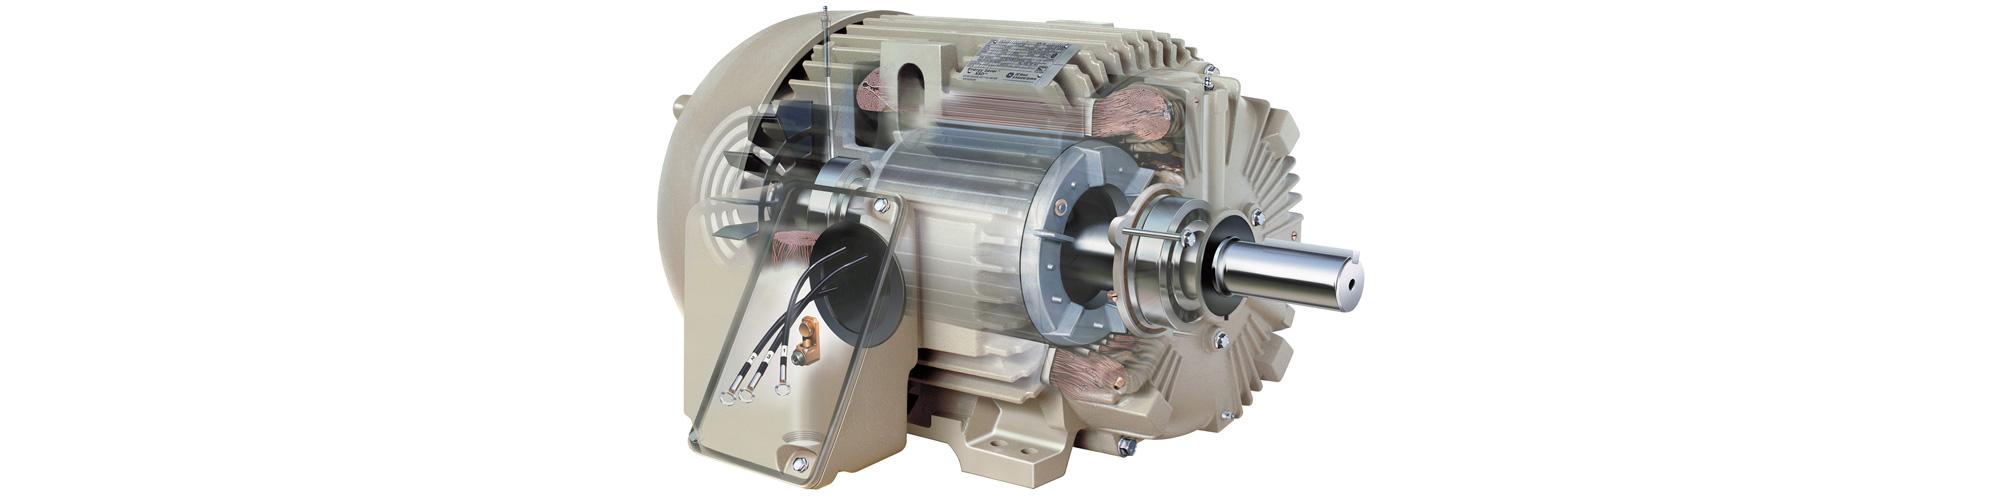 on dayton portable generators repair wiring diagram